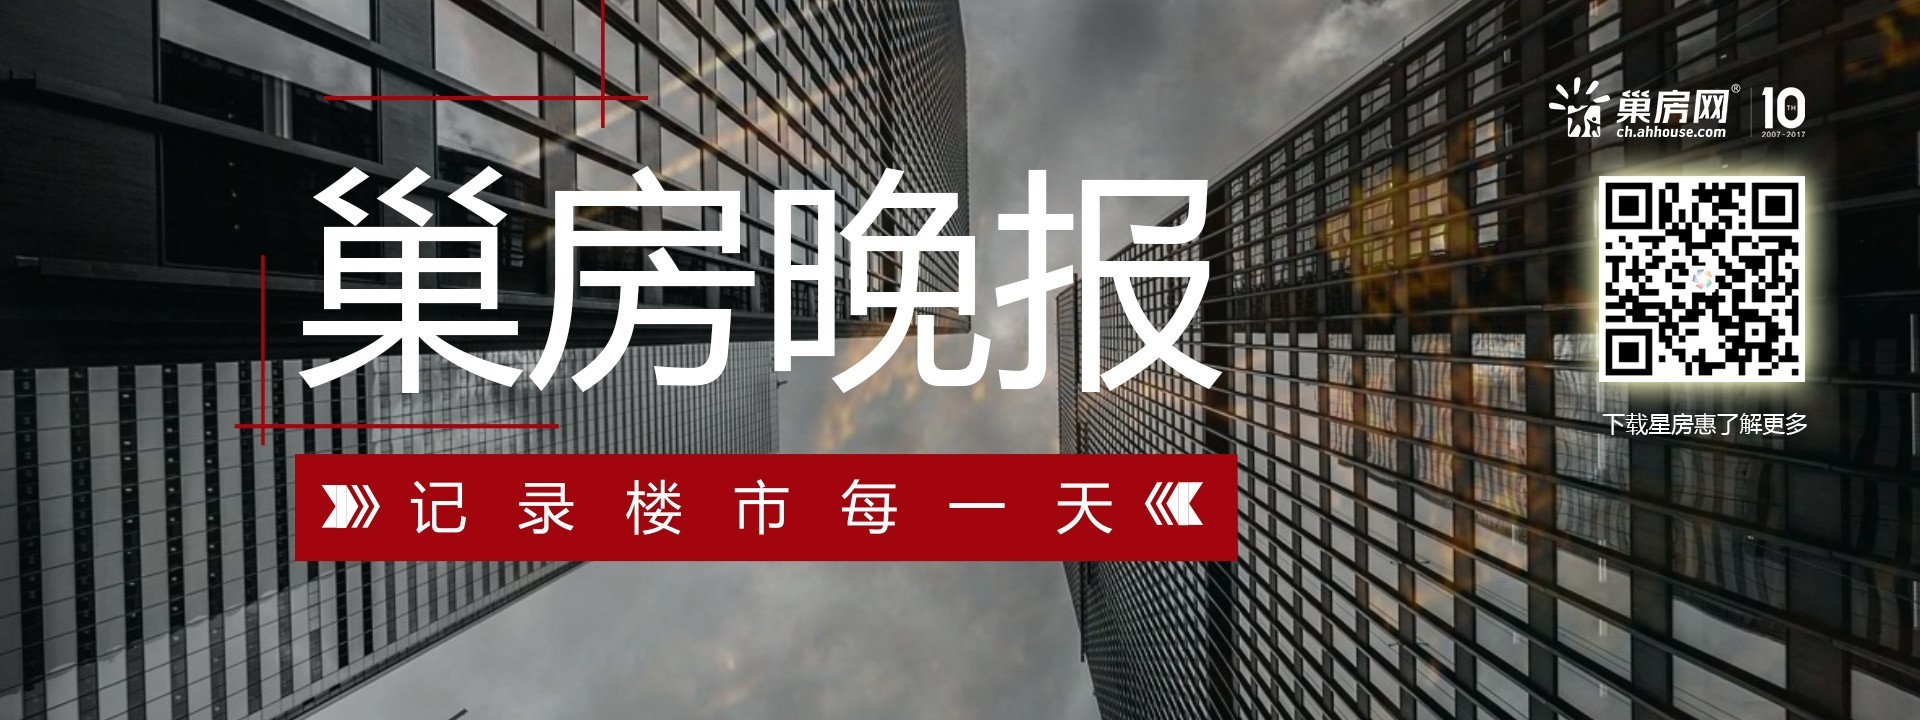 9月14日巢房网新闻晚报:楼市再出限购政策